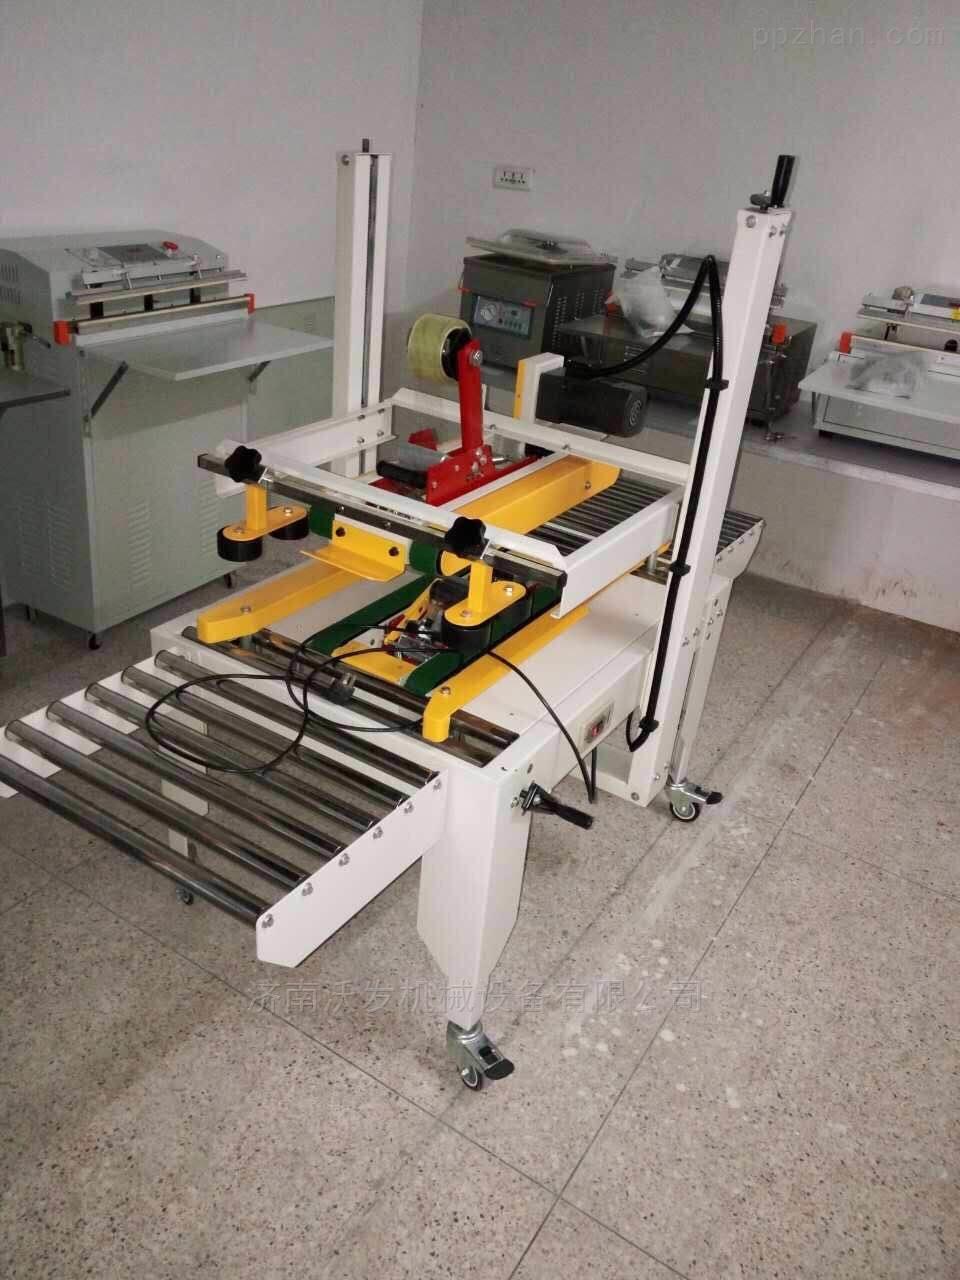 晋中晋城超市胶带纸箱打包机沃发优质机械